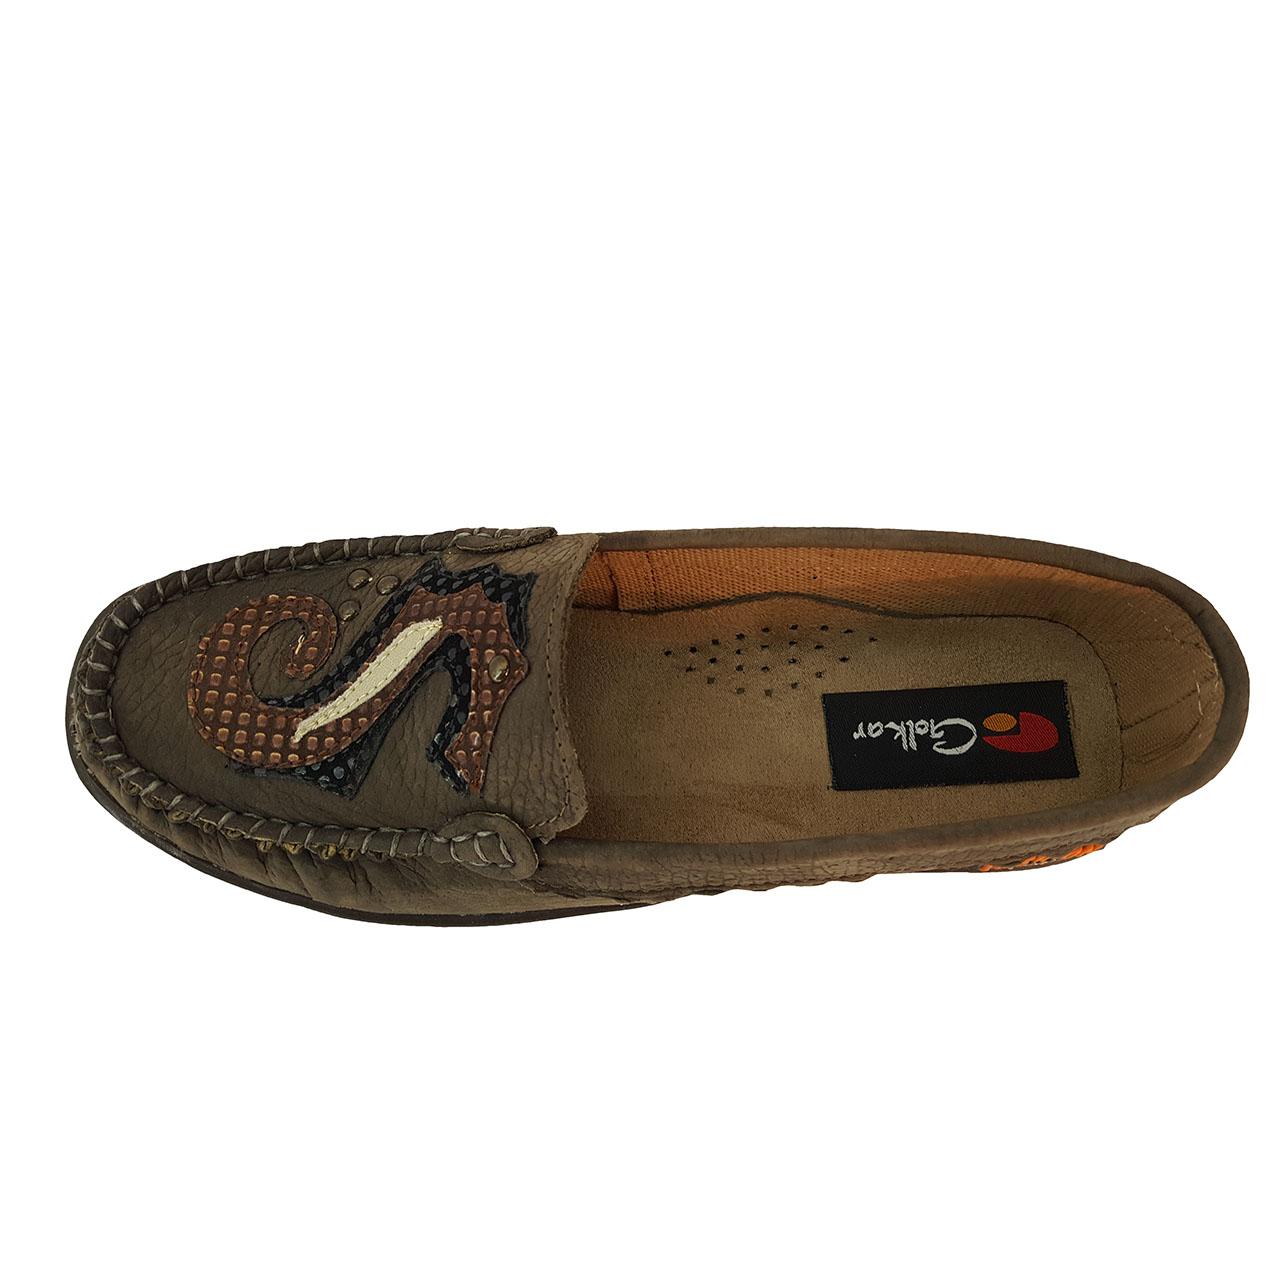 کفش نه کد K4